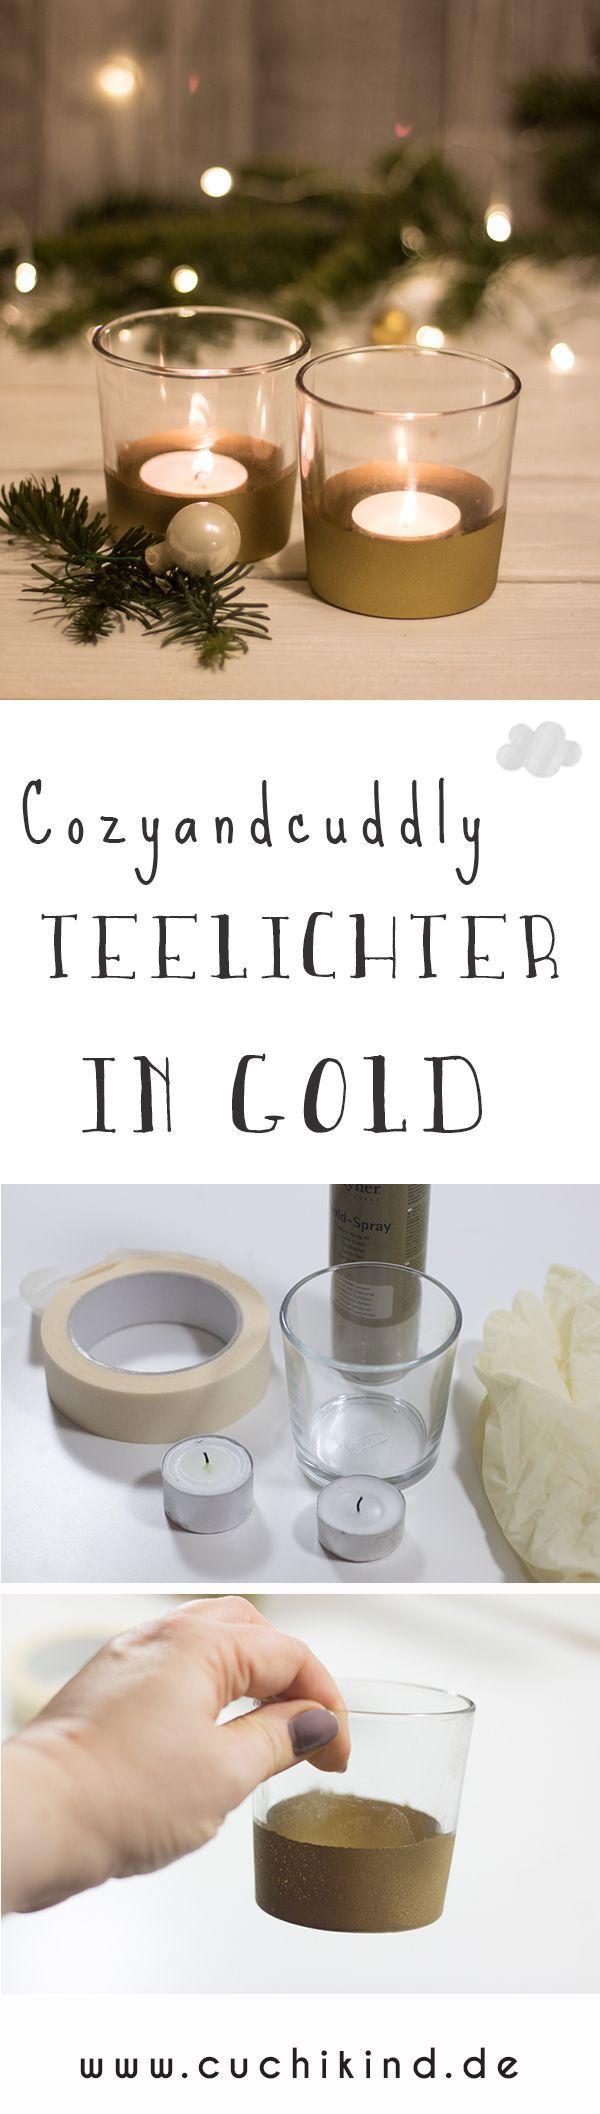 Geschenkidee #7: Cozy and cuddly - Goldene Teelichter #weihnachtenikea